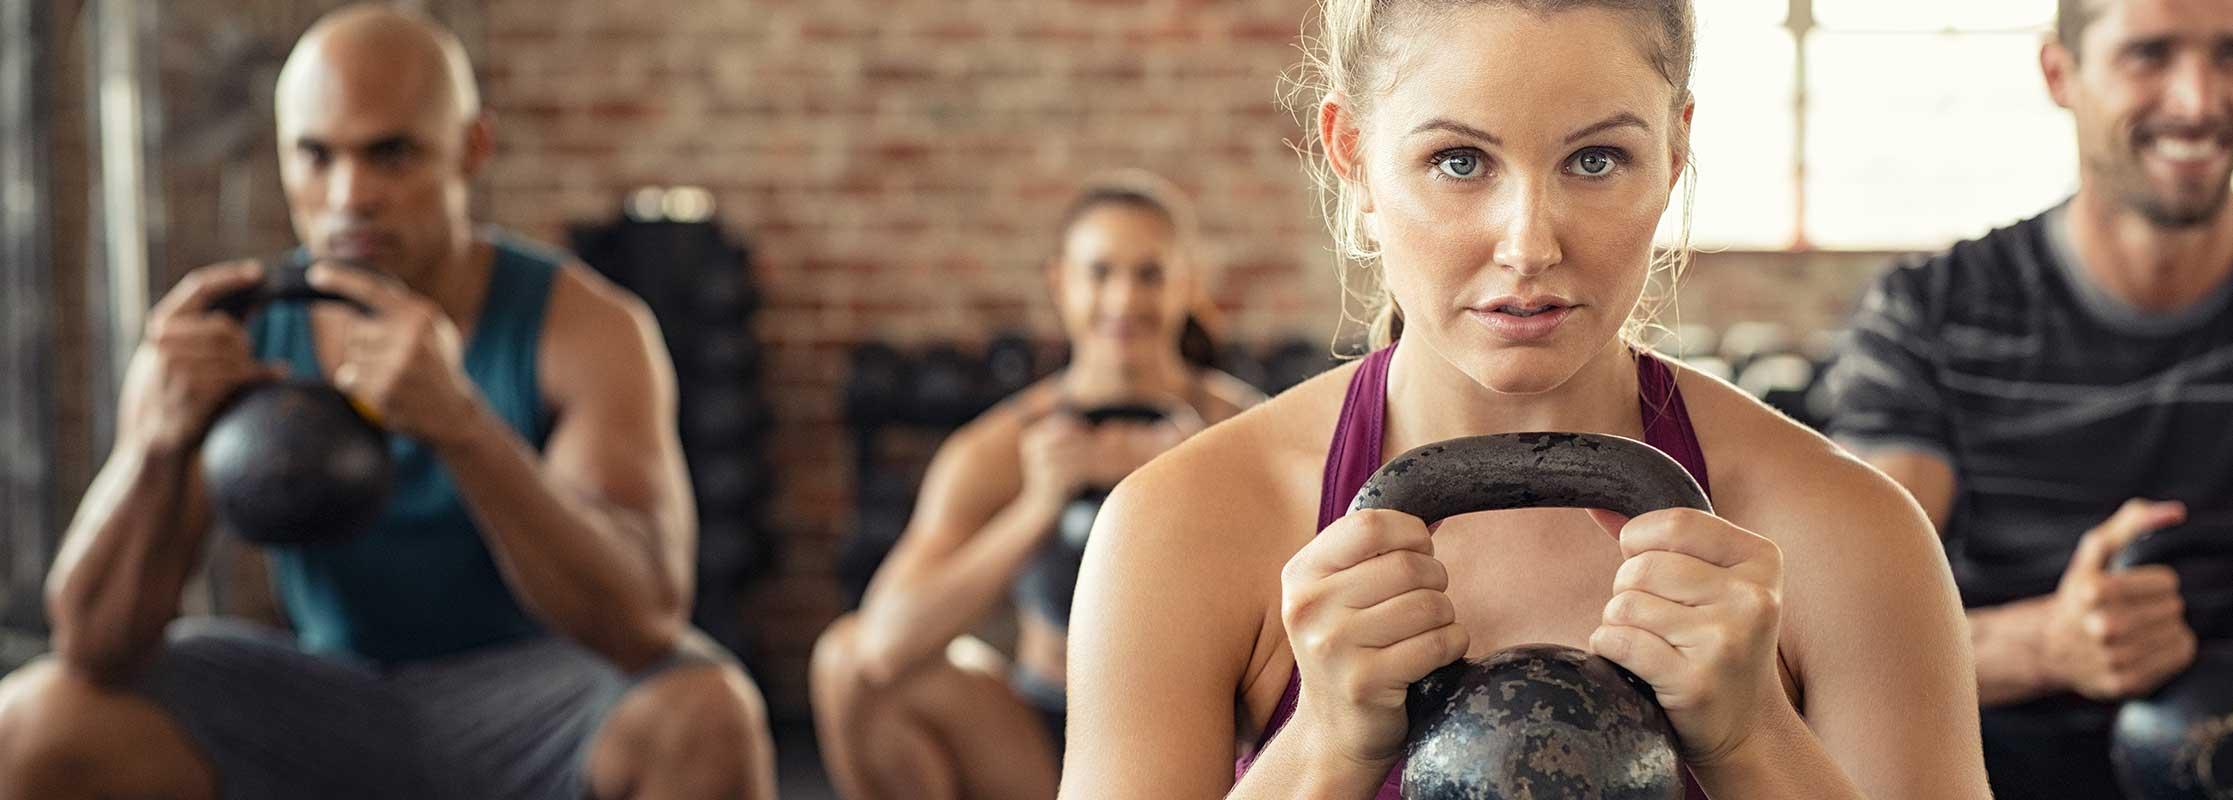 Athletin misst ihre Herzfrequenz, Sportwissenschaft und Fitness studieren an der TRIAGON Akademie